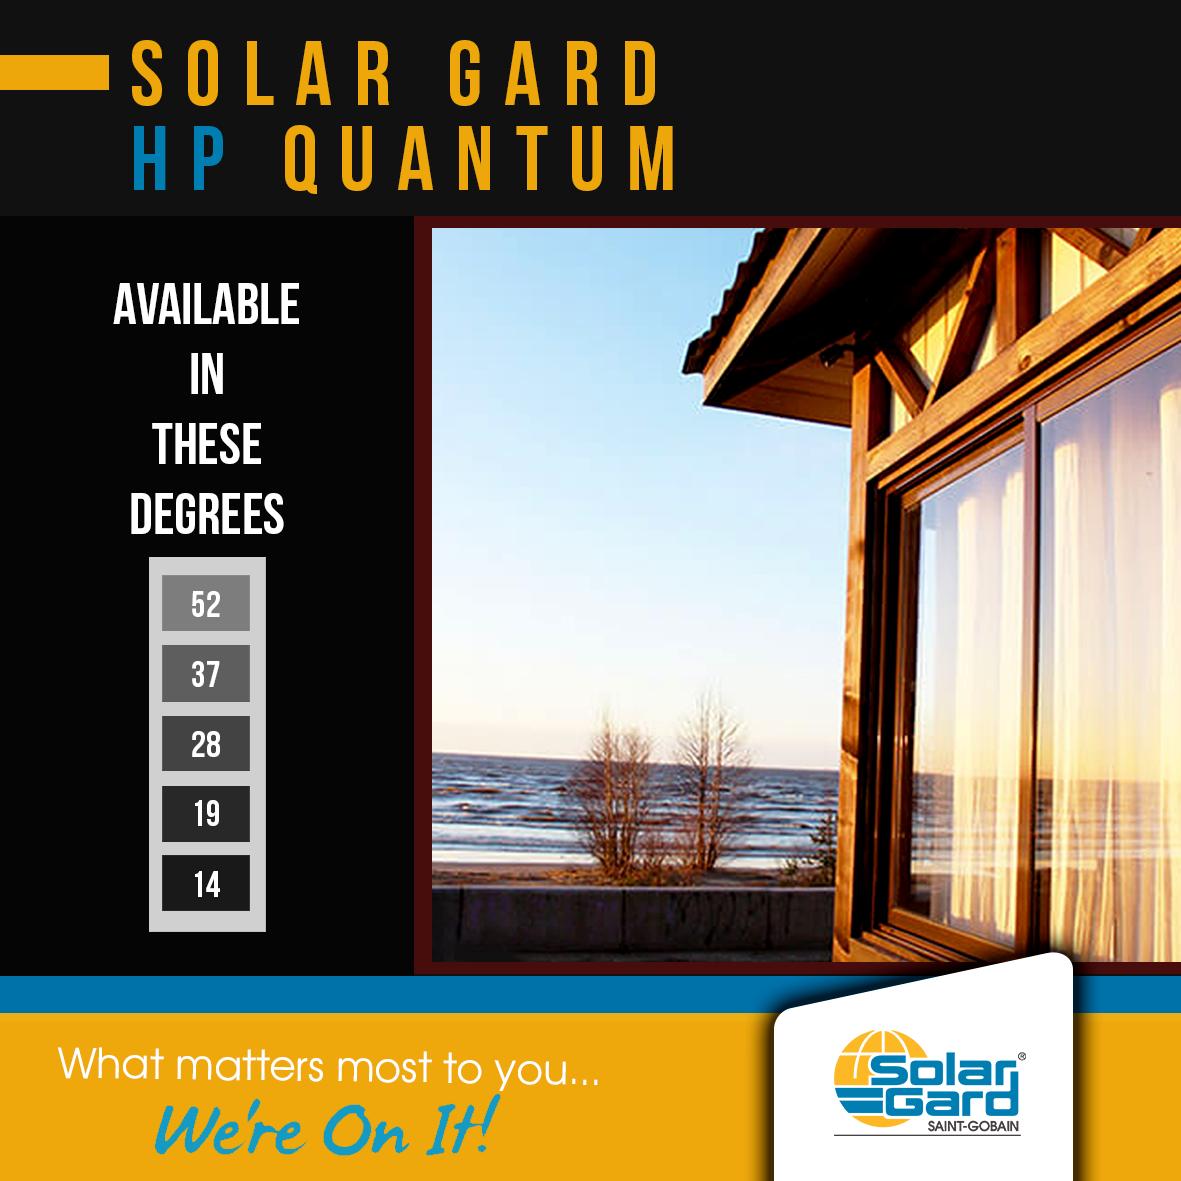 الفئة Hp Quantum باختصار إجمالي عزل الطاقة الشمسية حتى 61 نقل الضوء المرئي حتى 50 عزل كل أنواع الأشعة فوق البنفسجية بنسبة 99 Window Film Gard Solar